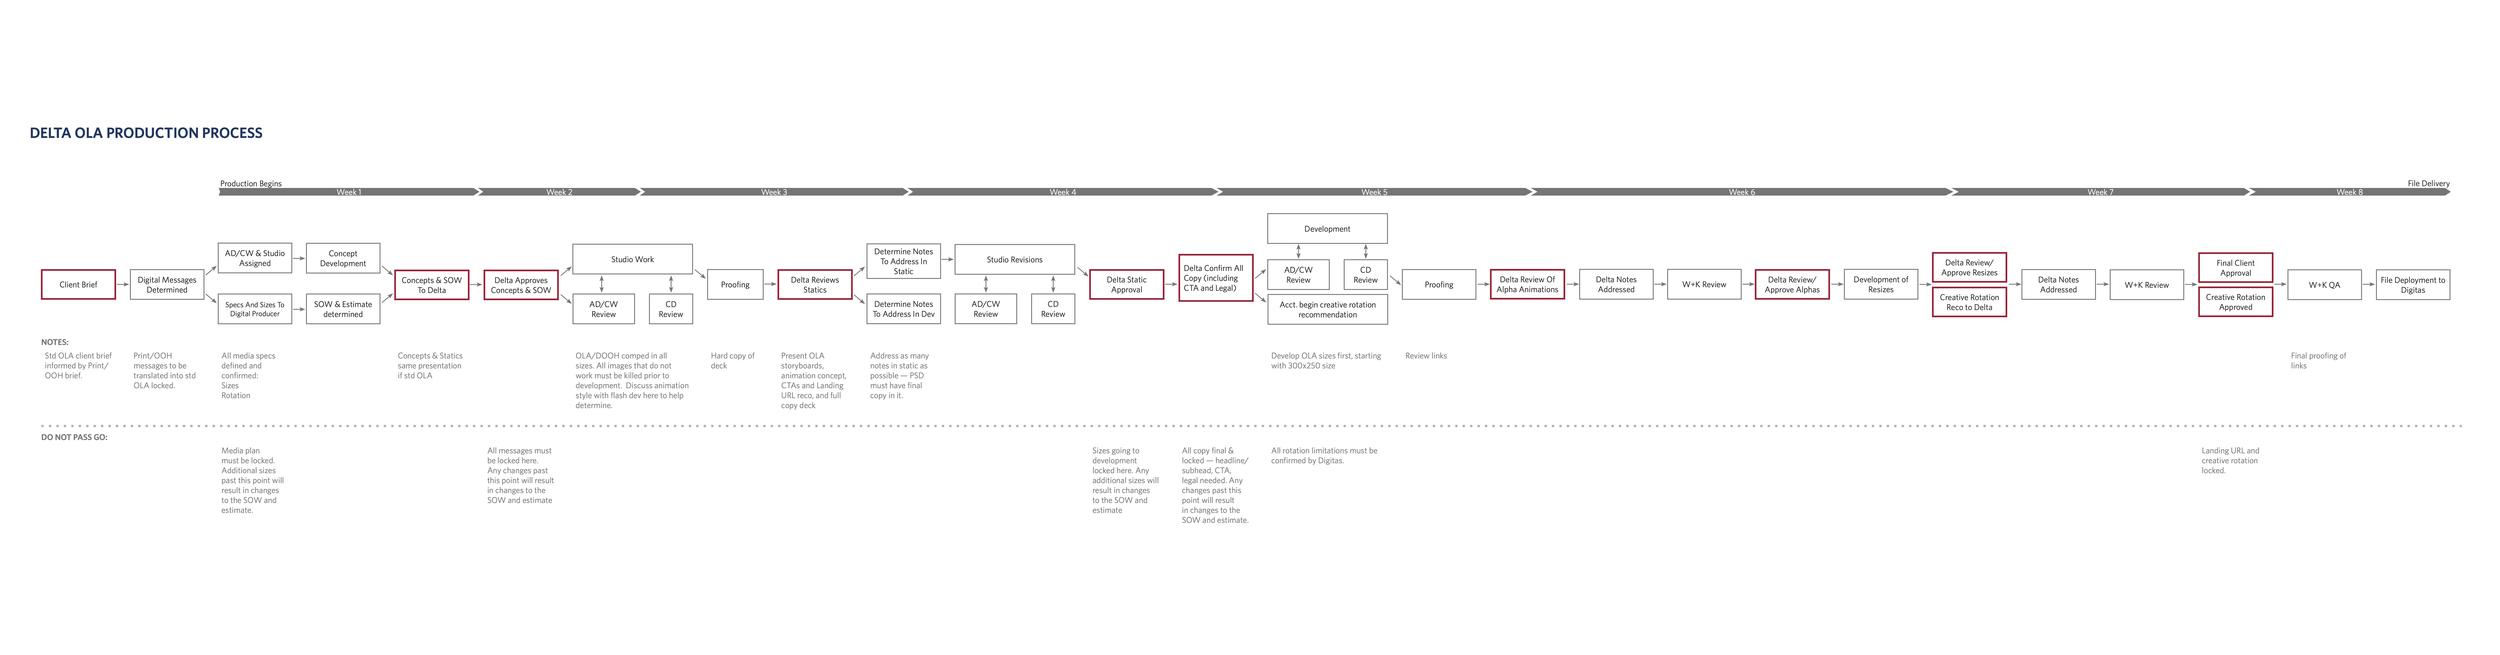 DLT_digital.process_11.27_1030PM.jpg